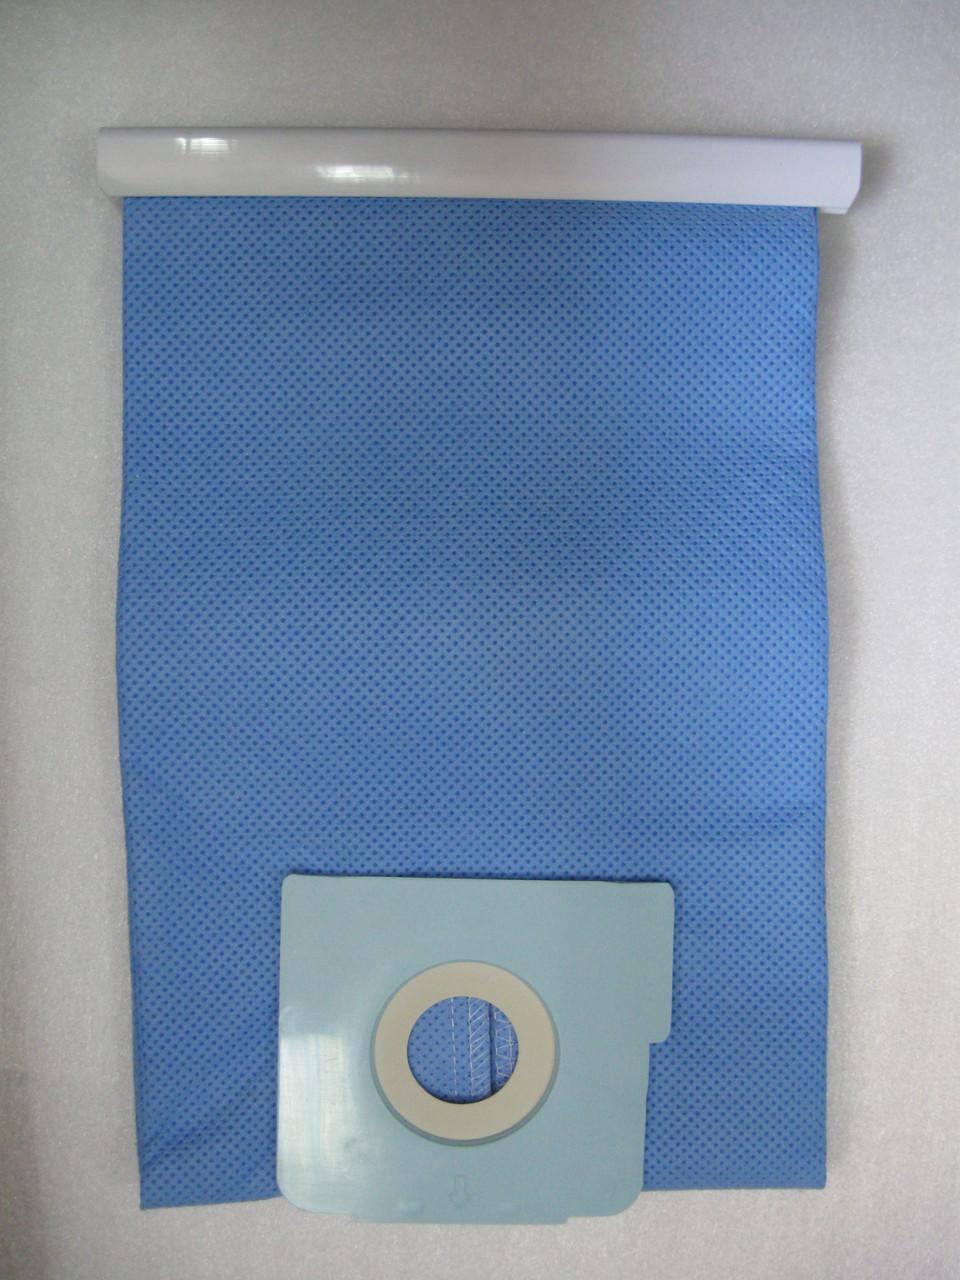 Мешок пылесоса LG 5231FI2308L